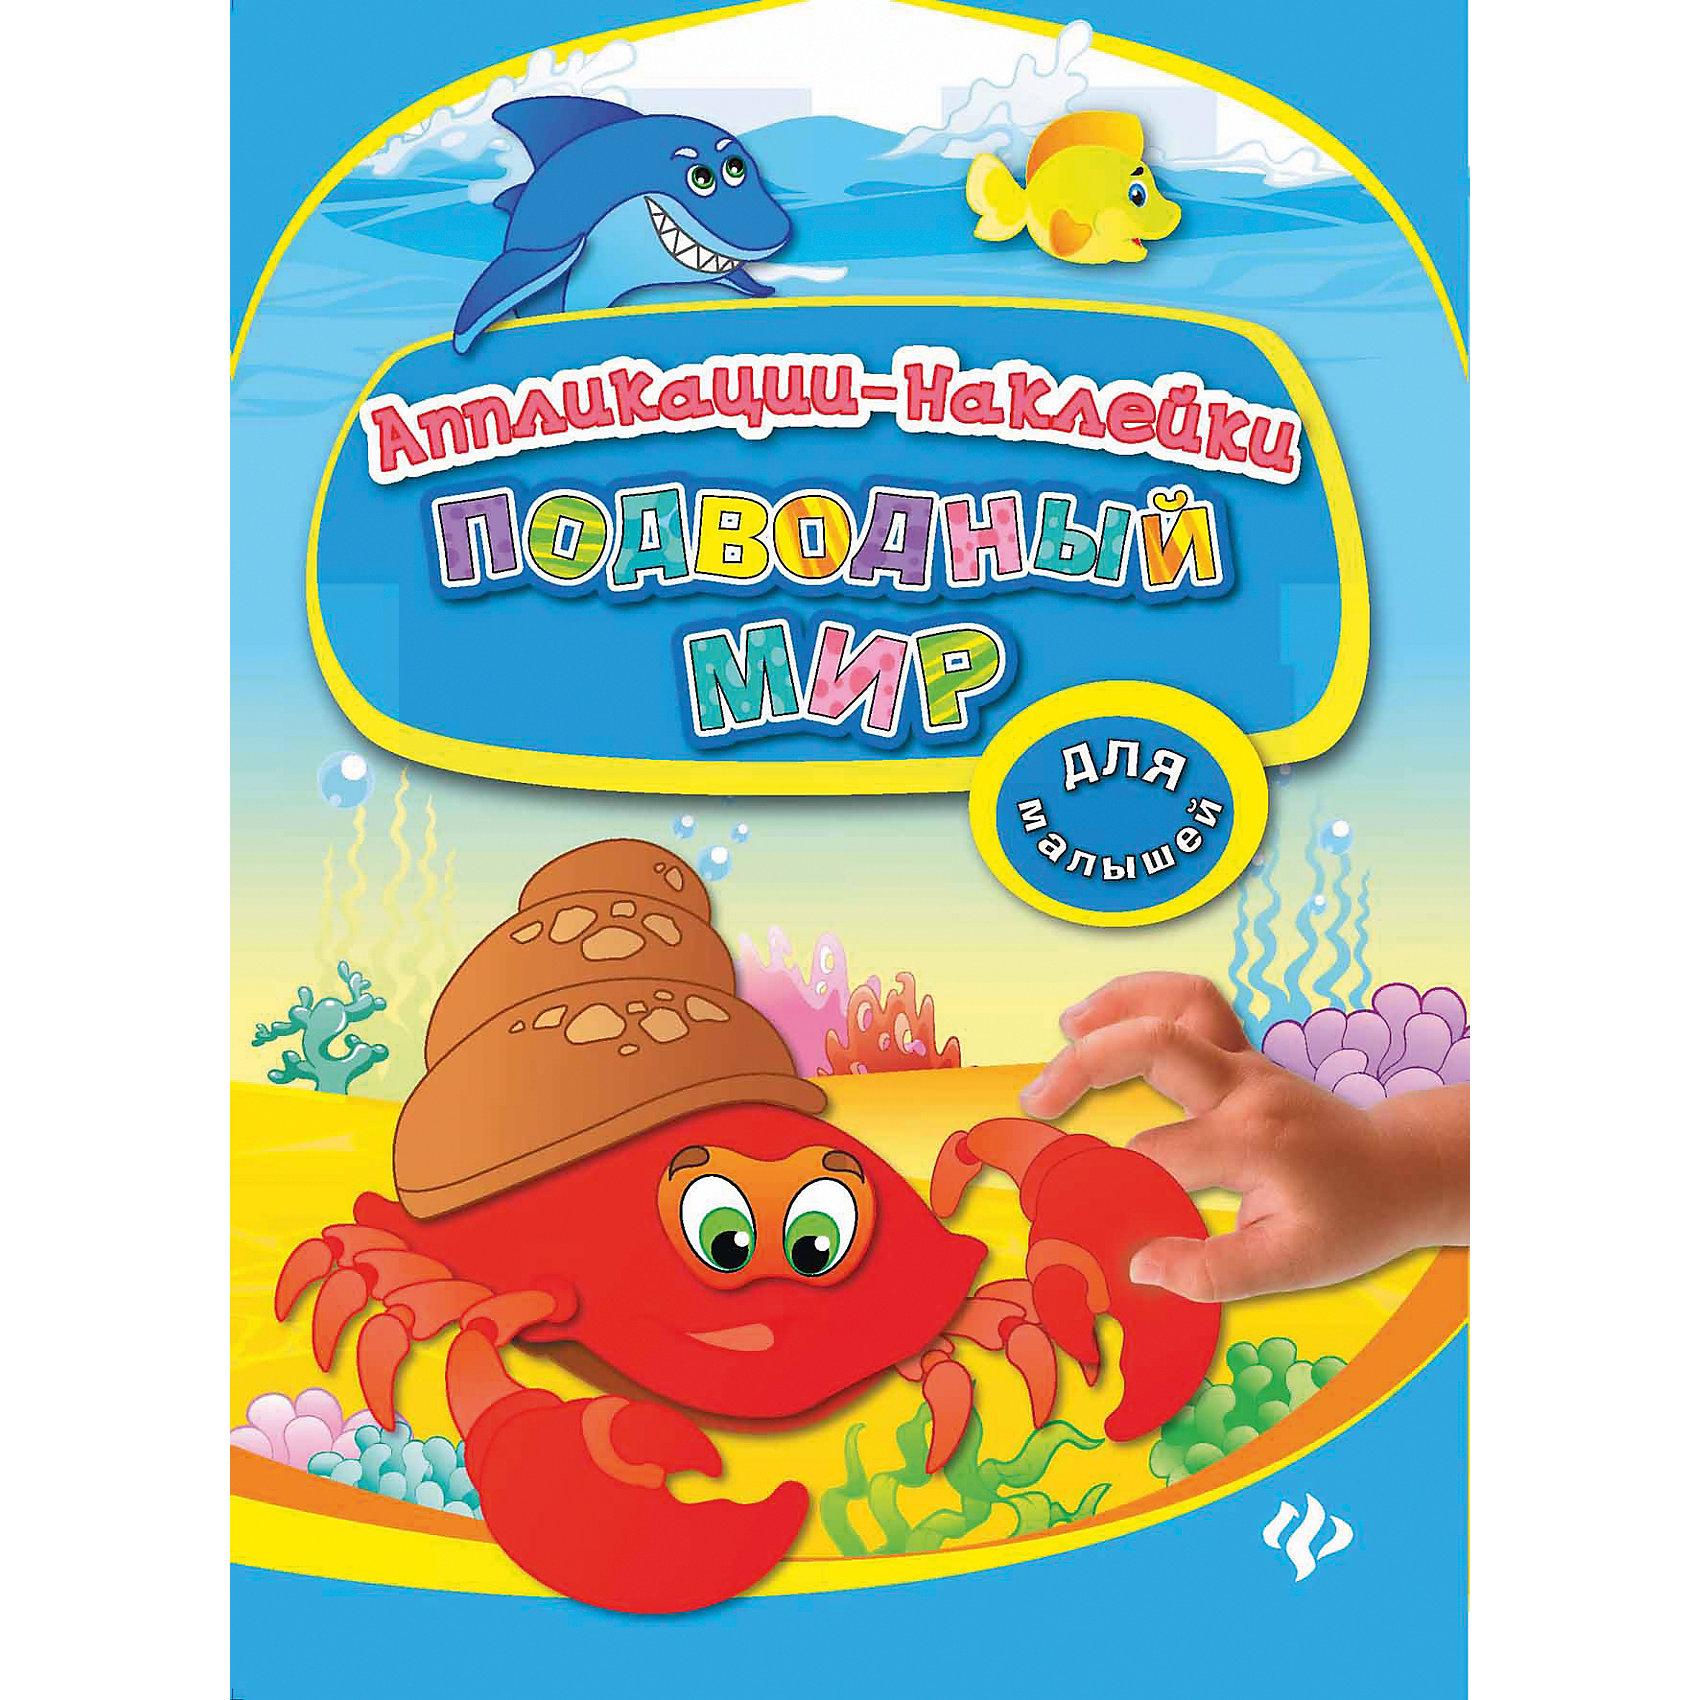 Подводный мир: аппликации-наклейкиФеникс<br>Серия книг «Аппликации-наклейки» поможет вам организовать интересный и познавательный досуг для своего малыша. Весёлые истории вдохновят ребёнка искать нужные наклейки и клеить их в соответствующие места. Работа с книгами способствует развитию: сообразит<br><br>Ширина мм: 289<br>Глубина мм: 207<br>Высота мм: 1<br>Вес г: 79<br>Возраст от месяцев: 12<br>Возраст до месяцев: 60<br>Пол: Унисекс<br>Возраст: Детский<br>SKU: 5120090